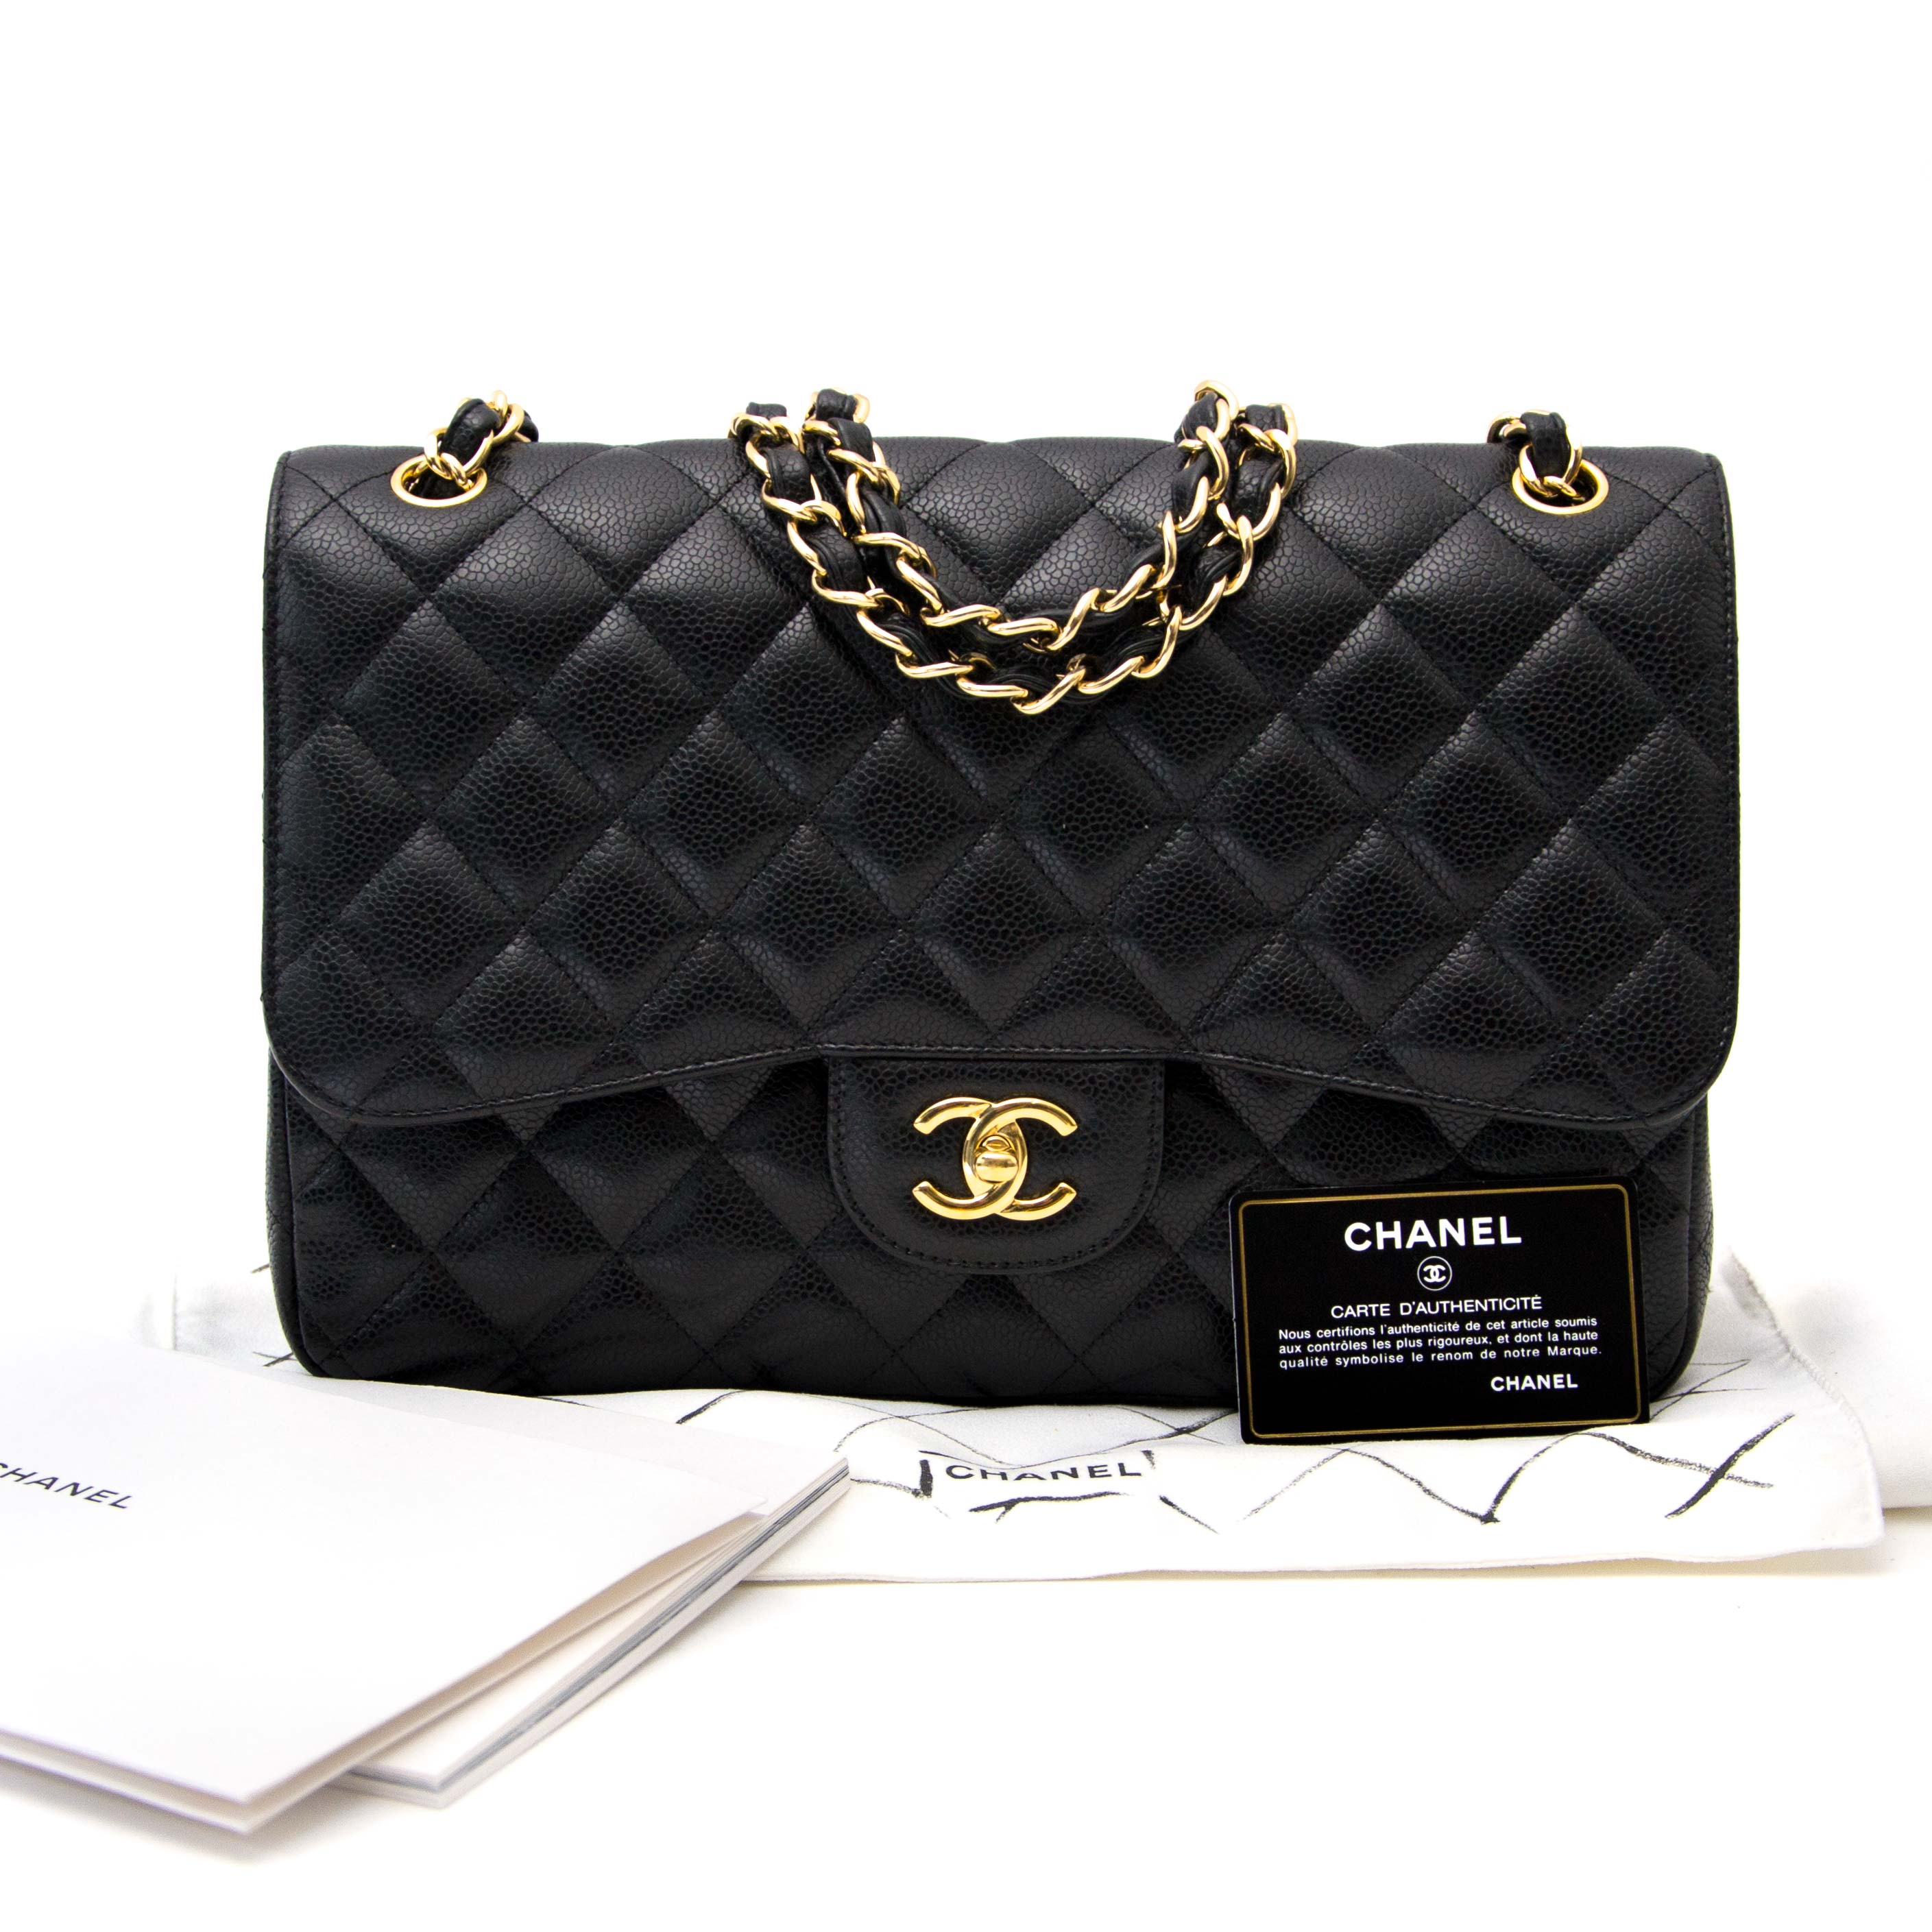 331b40565e25ba ... koop veilig online aan de beste prijs Chanel Black Jumbo Classic Flap  Bag